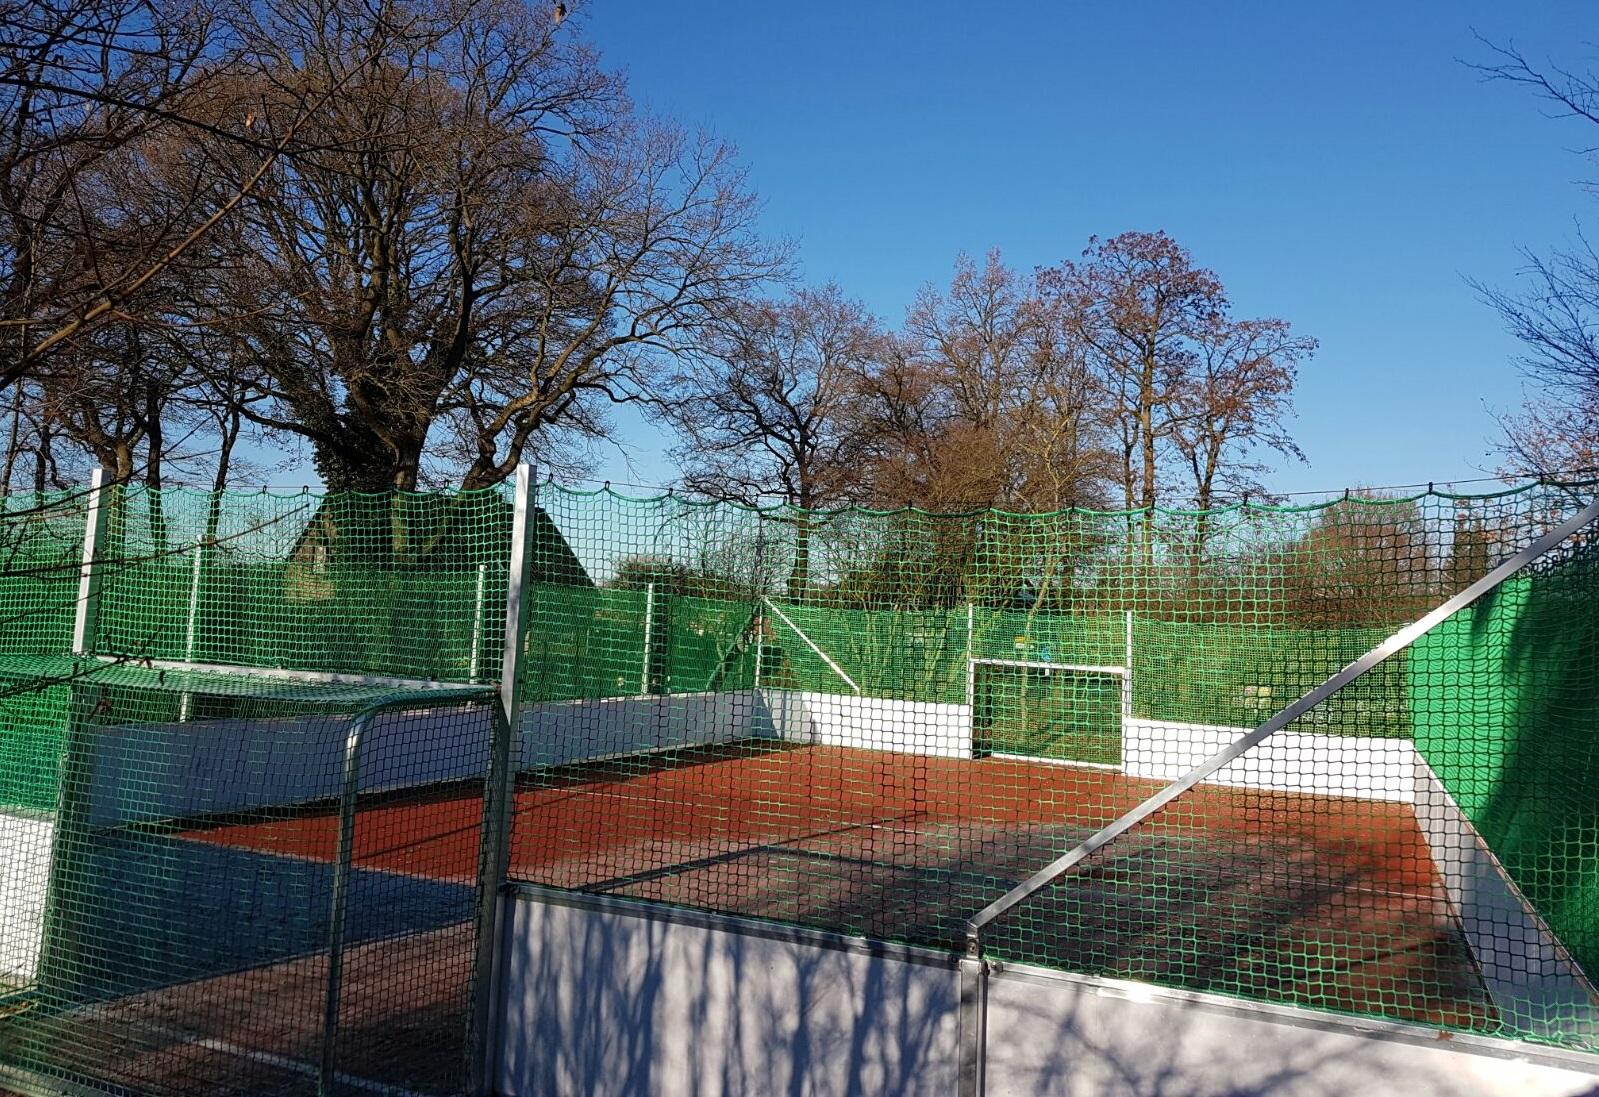 Soccercourt mit Ballfanganlage von artec in Geeste aufgebaut